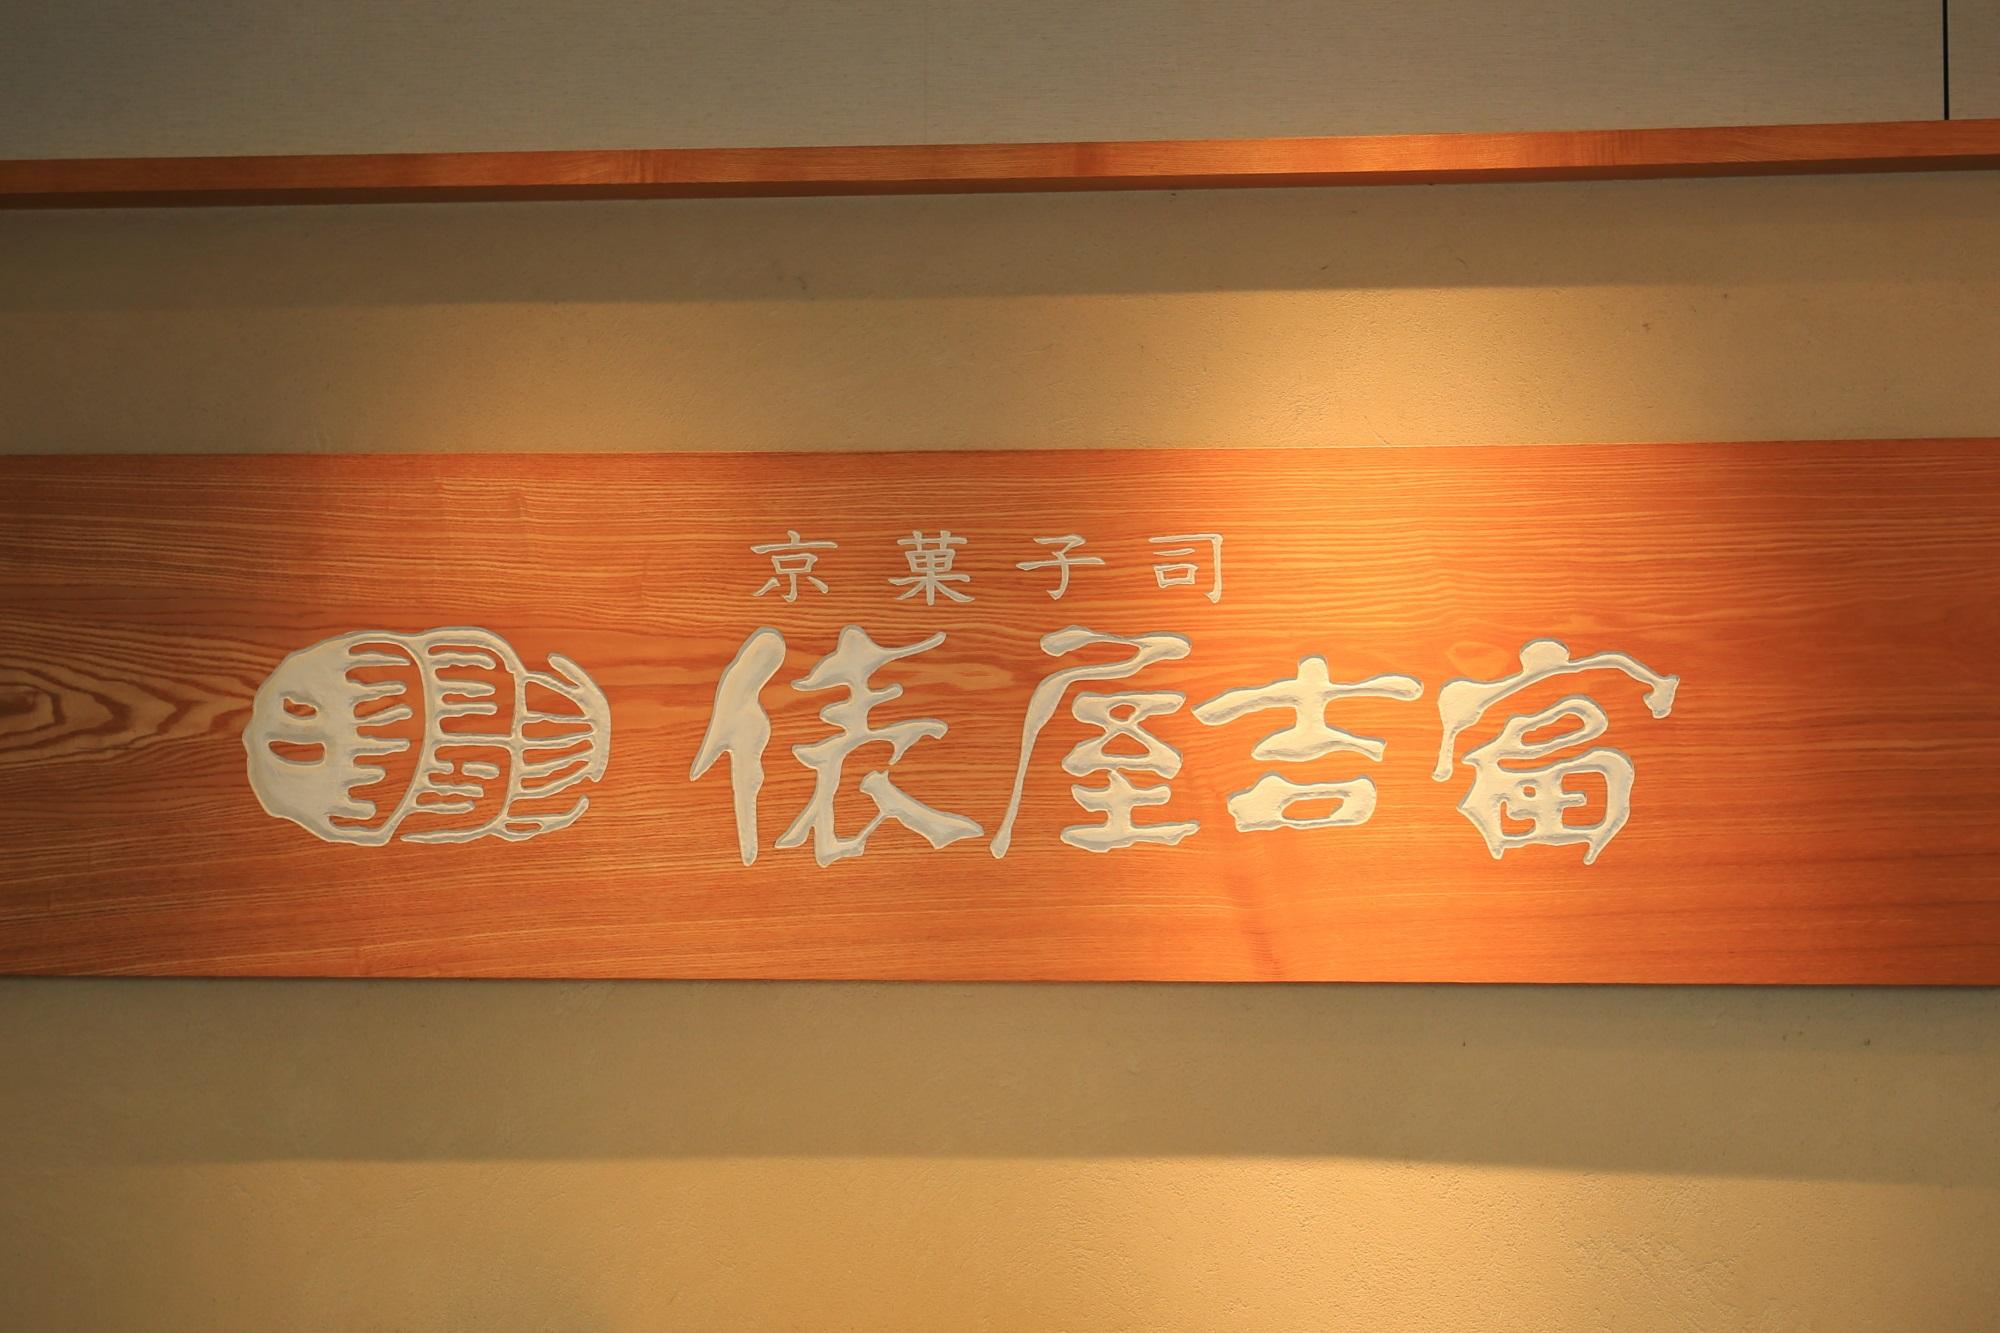 俵屋吉富 祇園店の店内